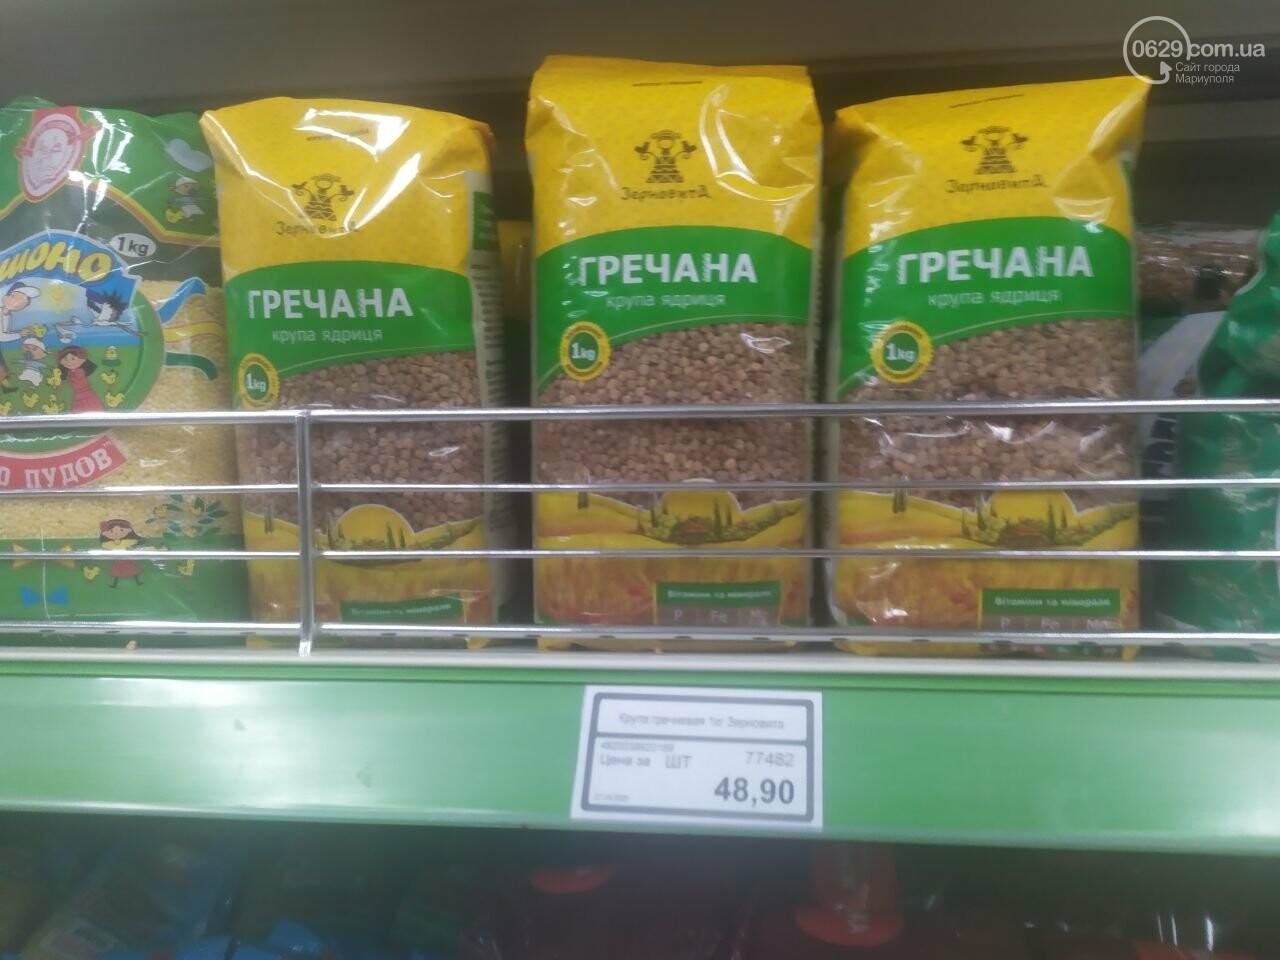 Как коронавирус изменил цены на продукты в Мариуполе, - ФОТО, фото-2